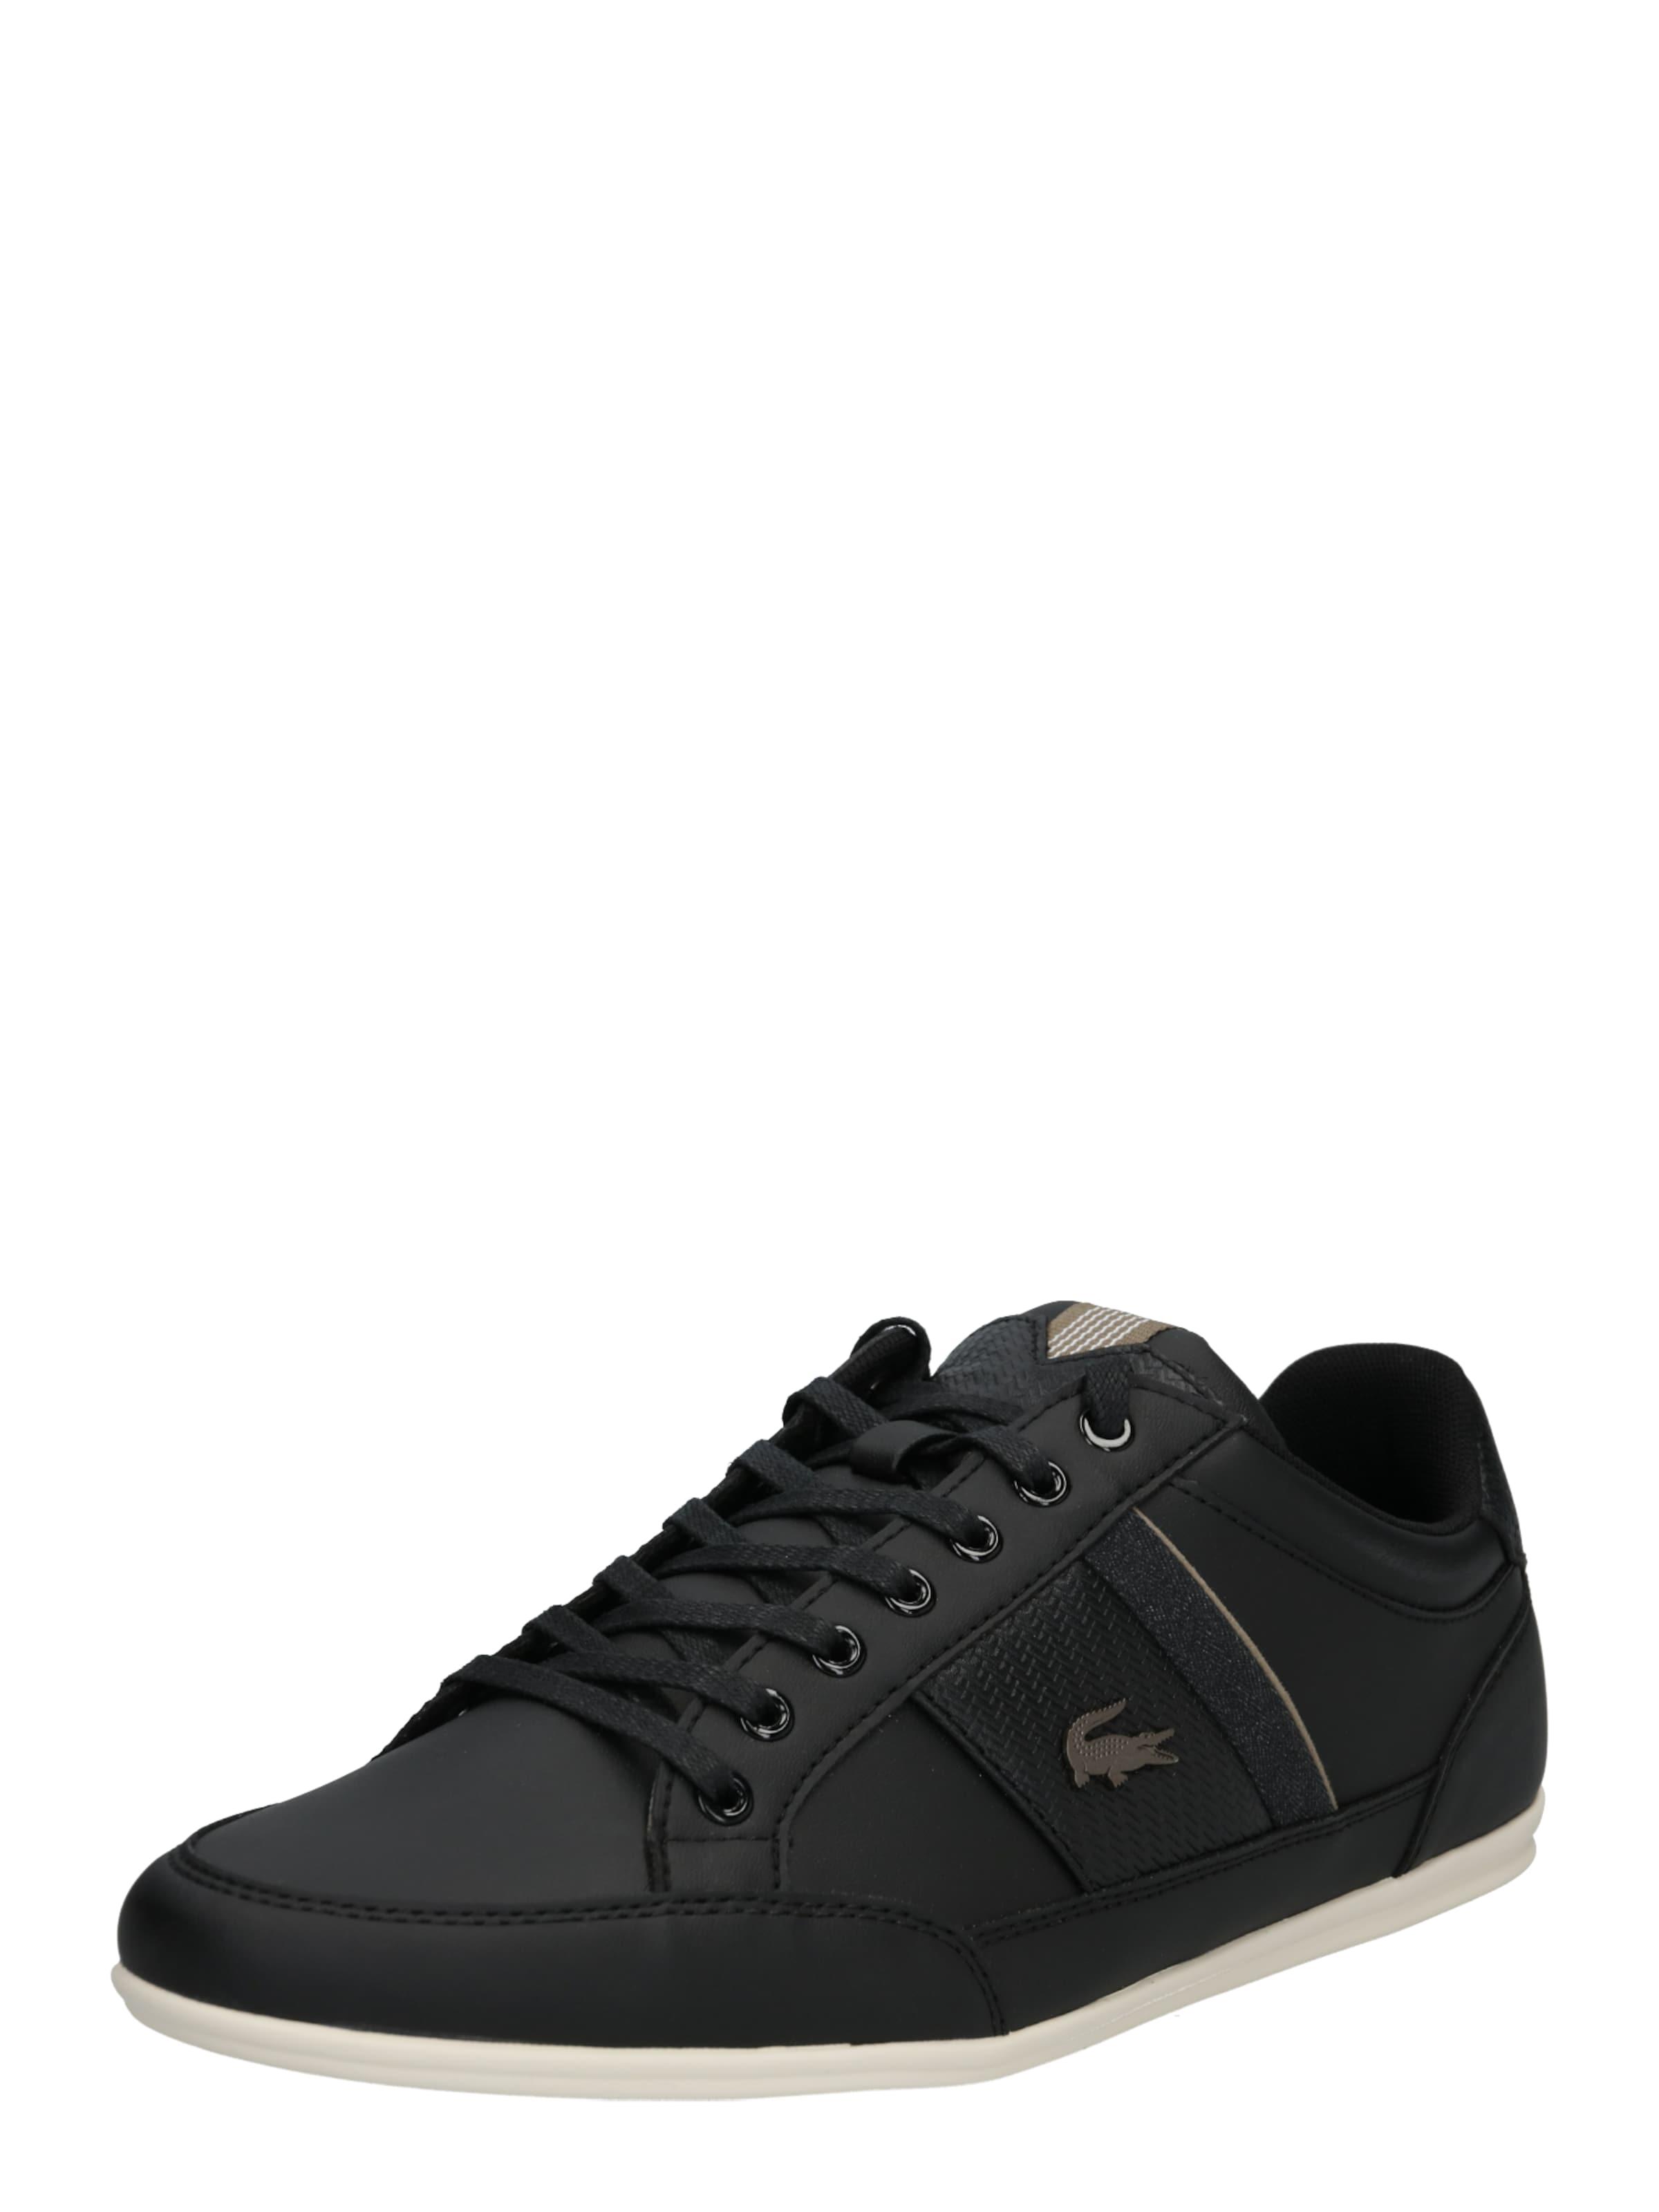 Sneaker 'chaymon Schwarz 319 In Cma' Lacoste 1 FcJKl1